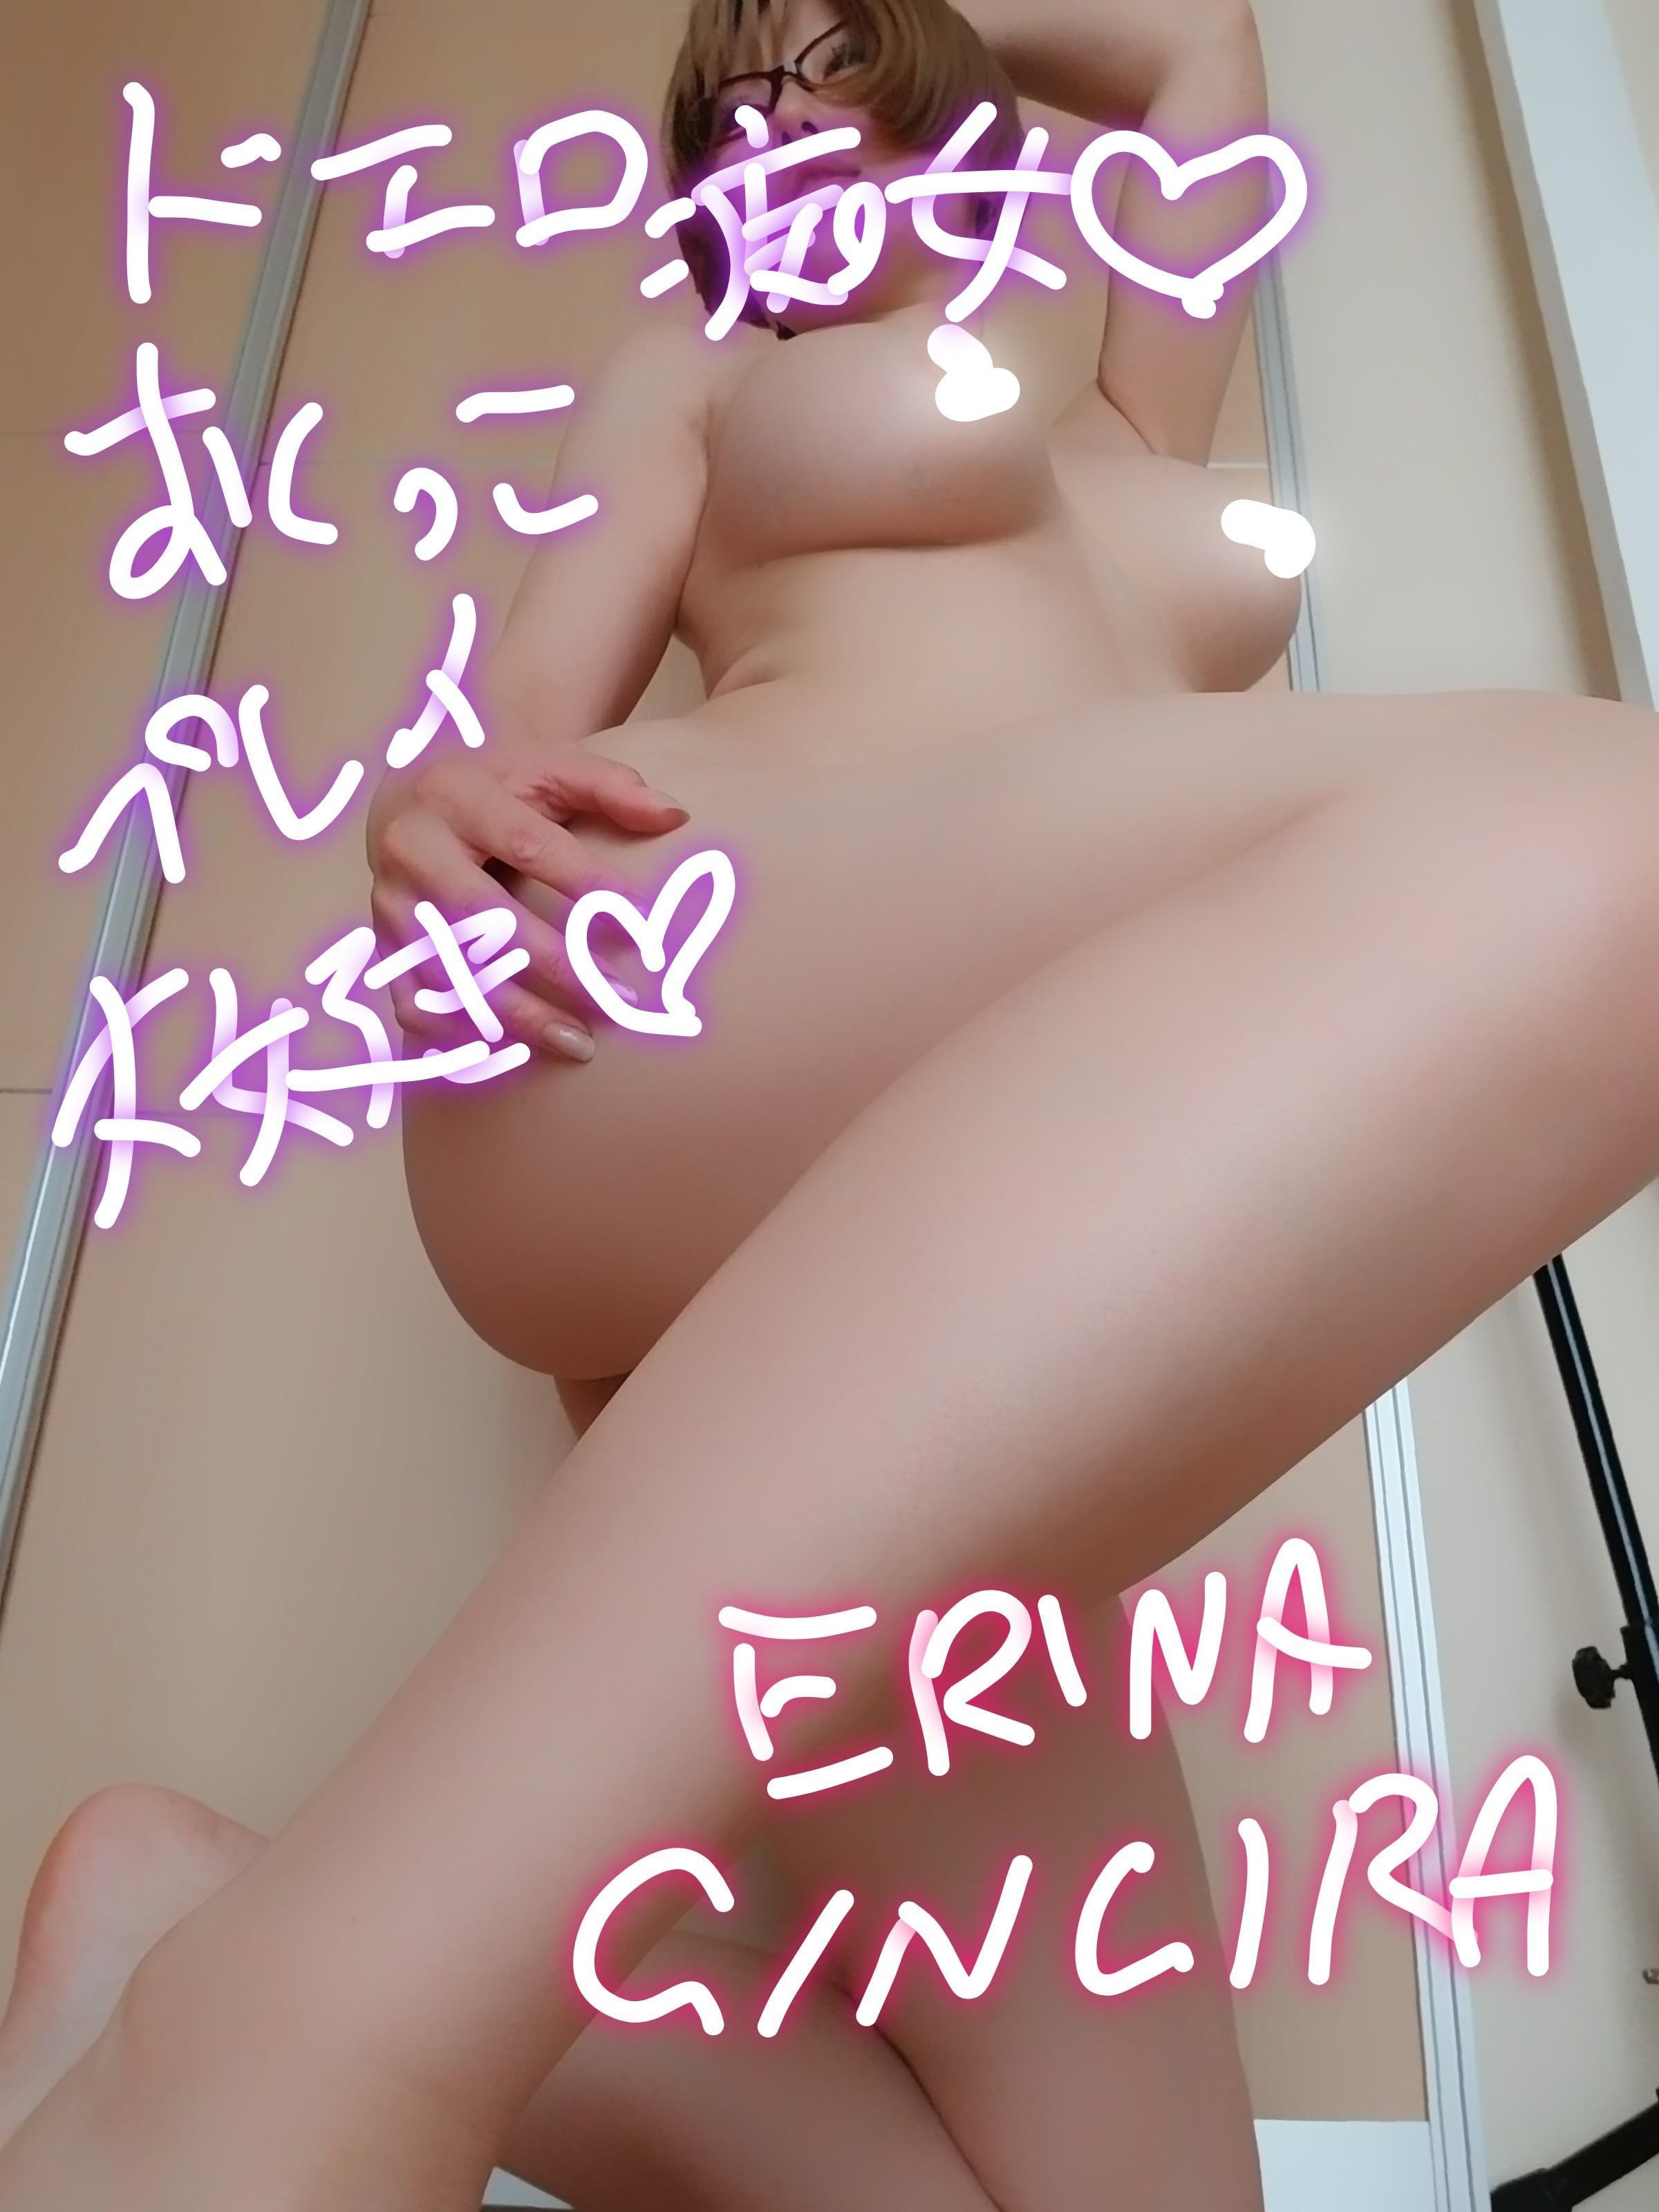 「聖水でトランスイキしてみない???」05/24(日) 11:46 | ERINAの写メ・風俗動画